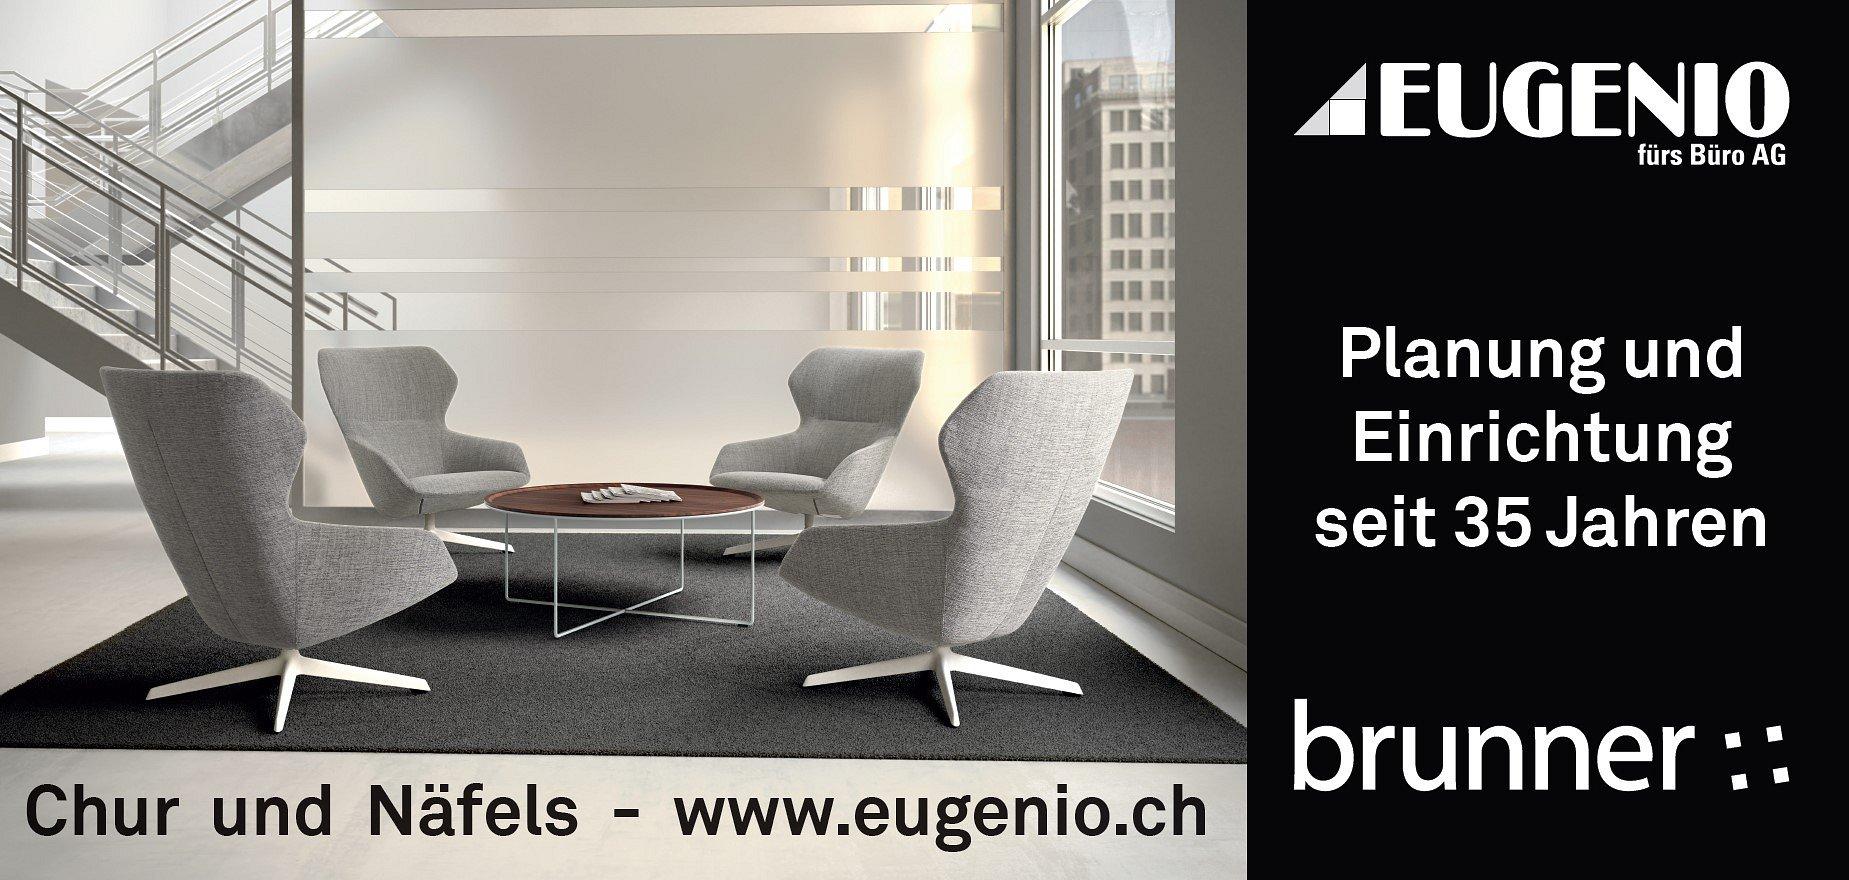 Eugenio fürs Büro AG